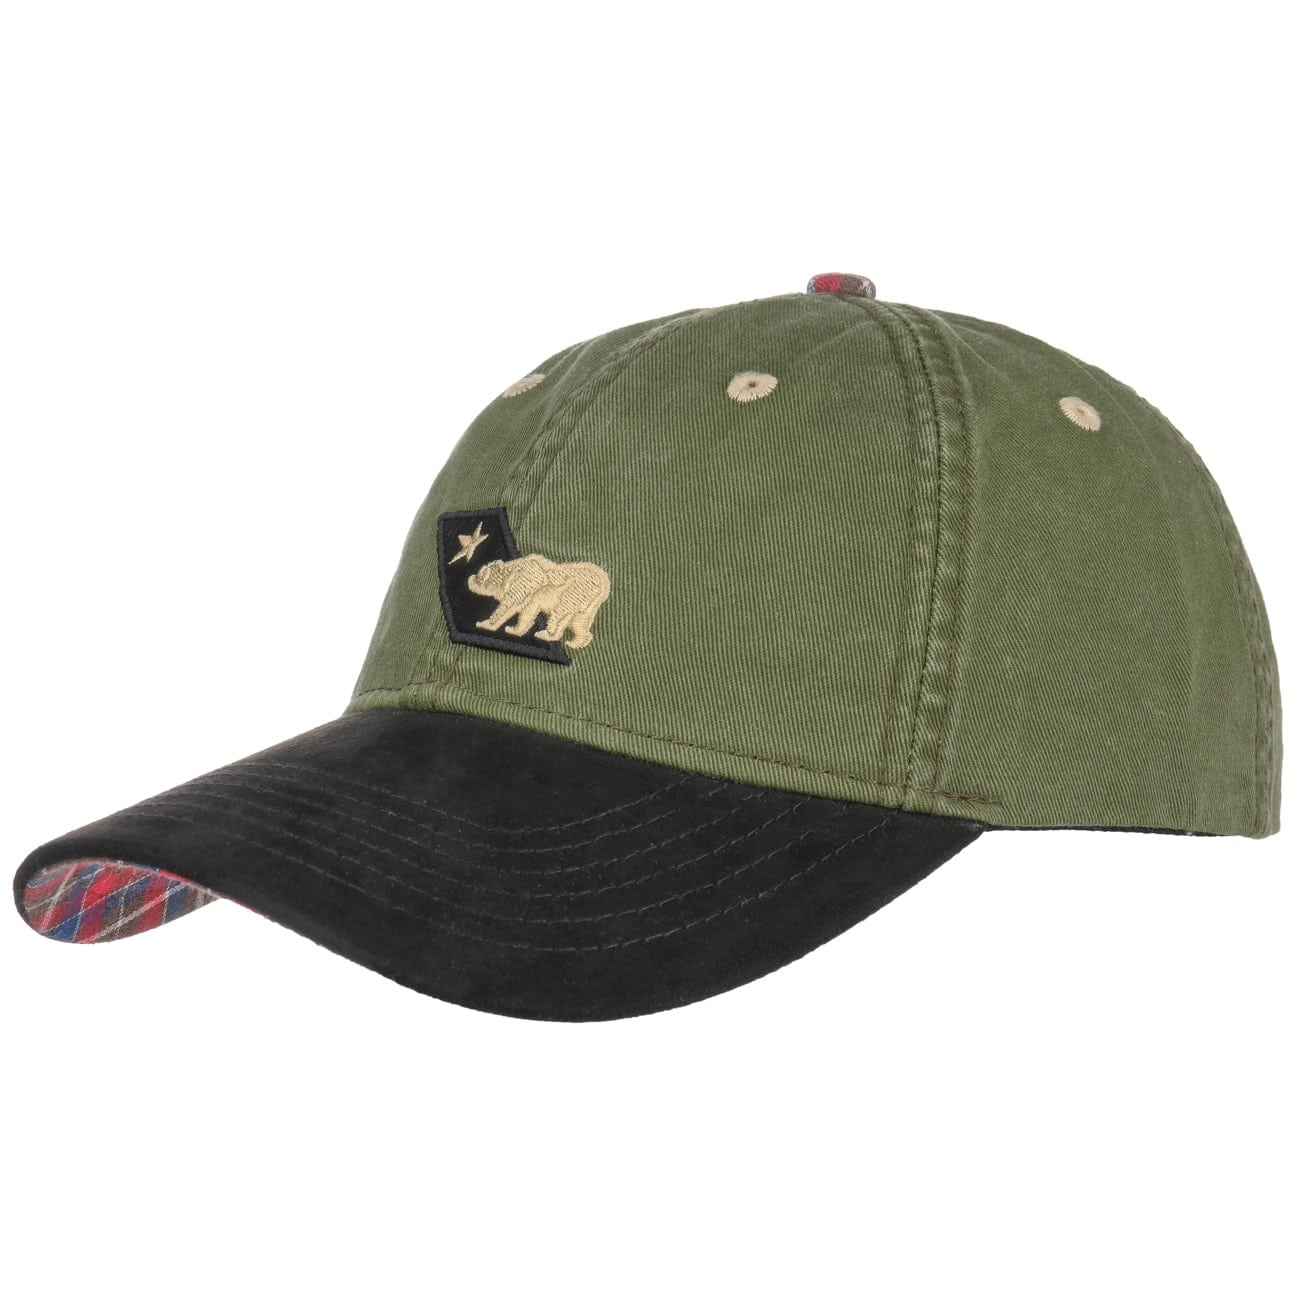 Gorra Groundsman by Official Headwear  gorra de baseball